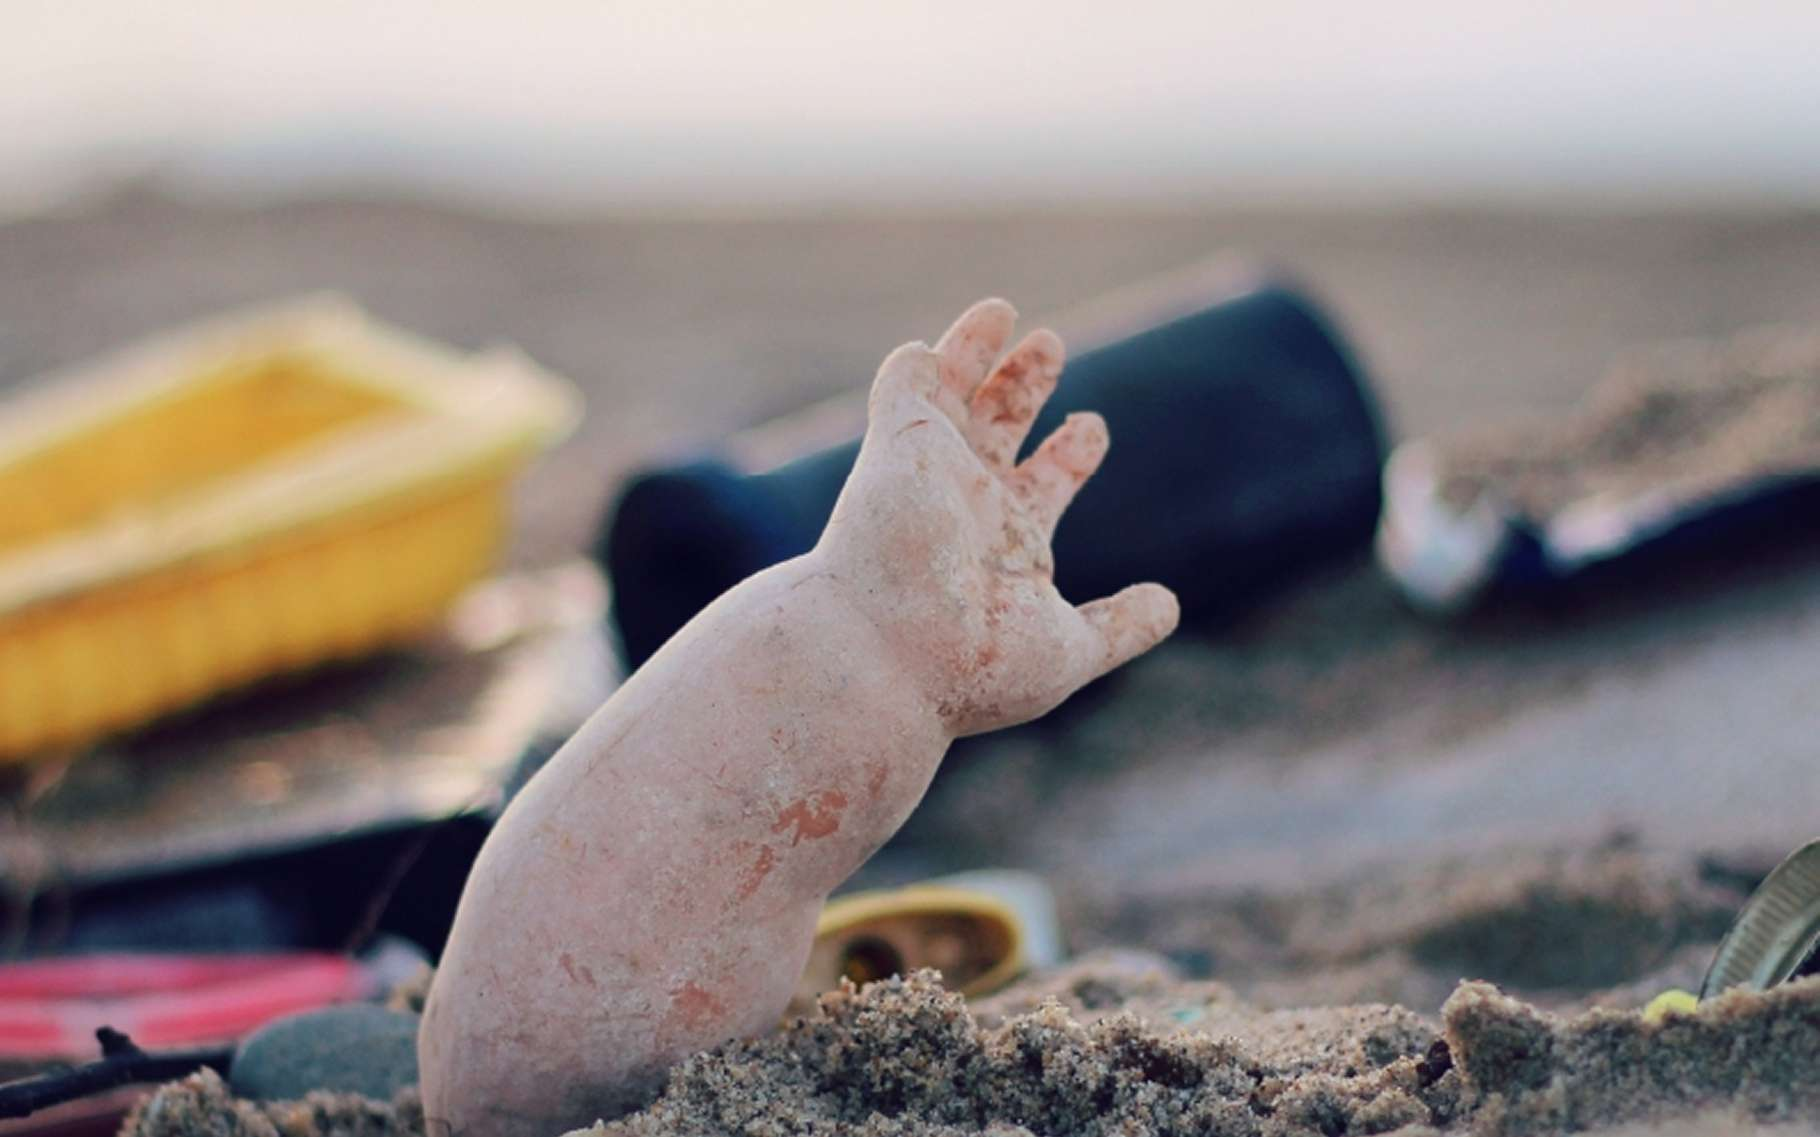 Outre qu'ils transforment le littoral en dépotoir, les déchets témoignent de la quantité d'objets rejetés en mer par les activités humaines. La pollution n'est pas que visuelle car la matière plastique, principal constituant de ces résidus, se fractionne jusqu'à des dimensions minuscules, qui la rendent ingérable par tous les animaux de la chaîne alimentaire. © SurfRider